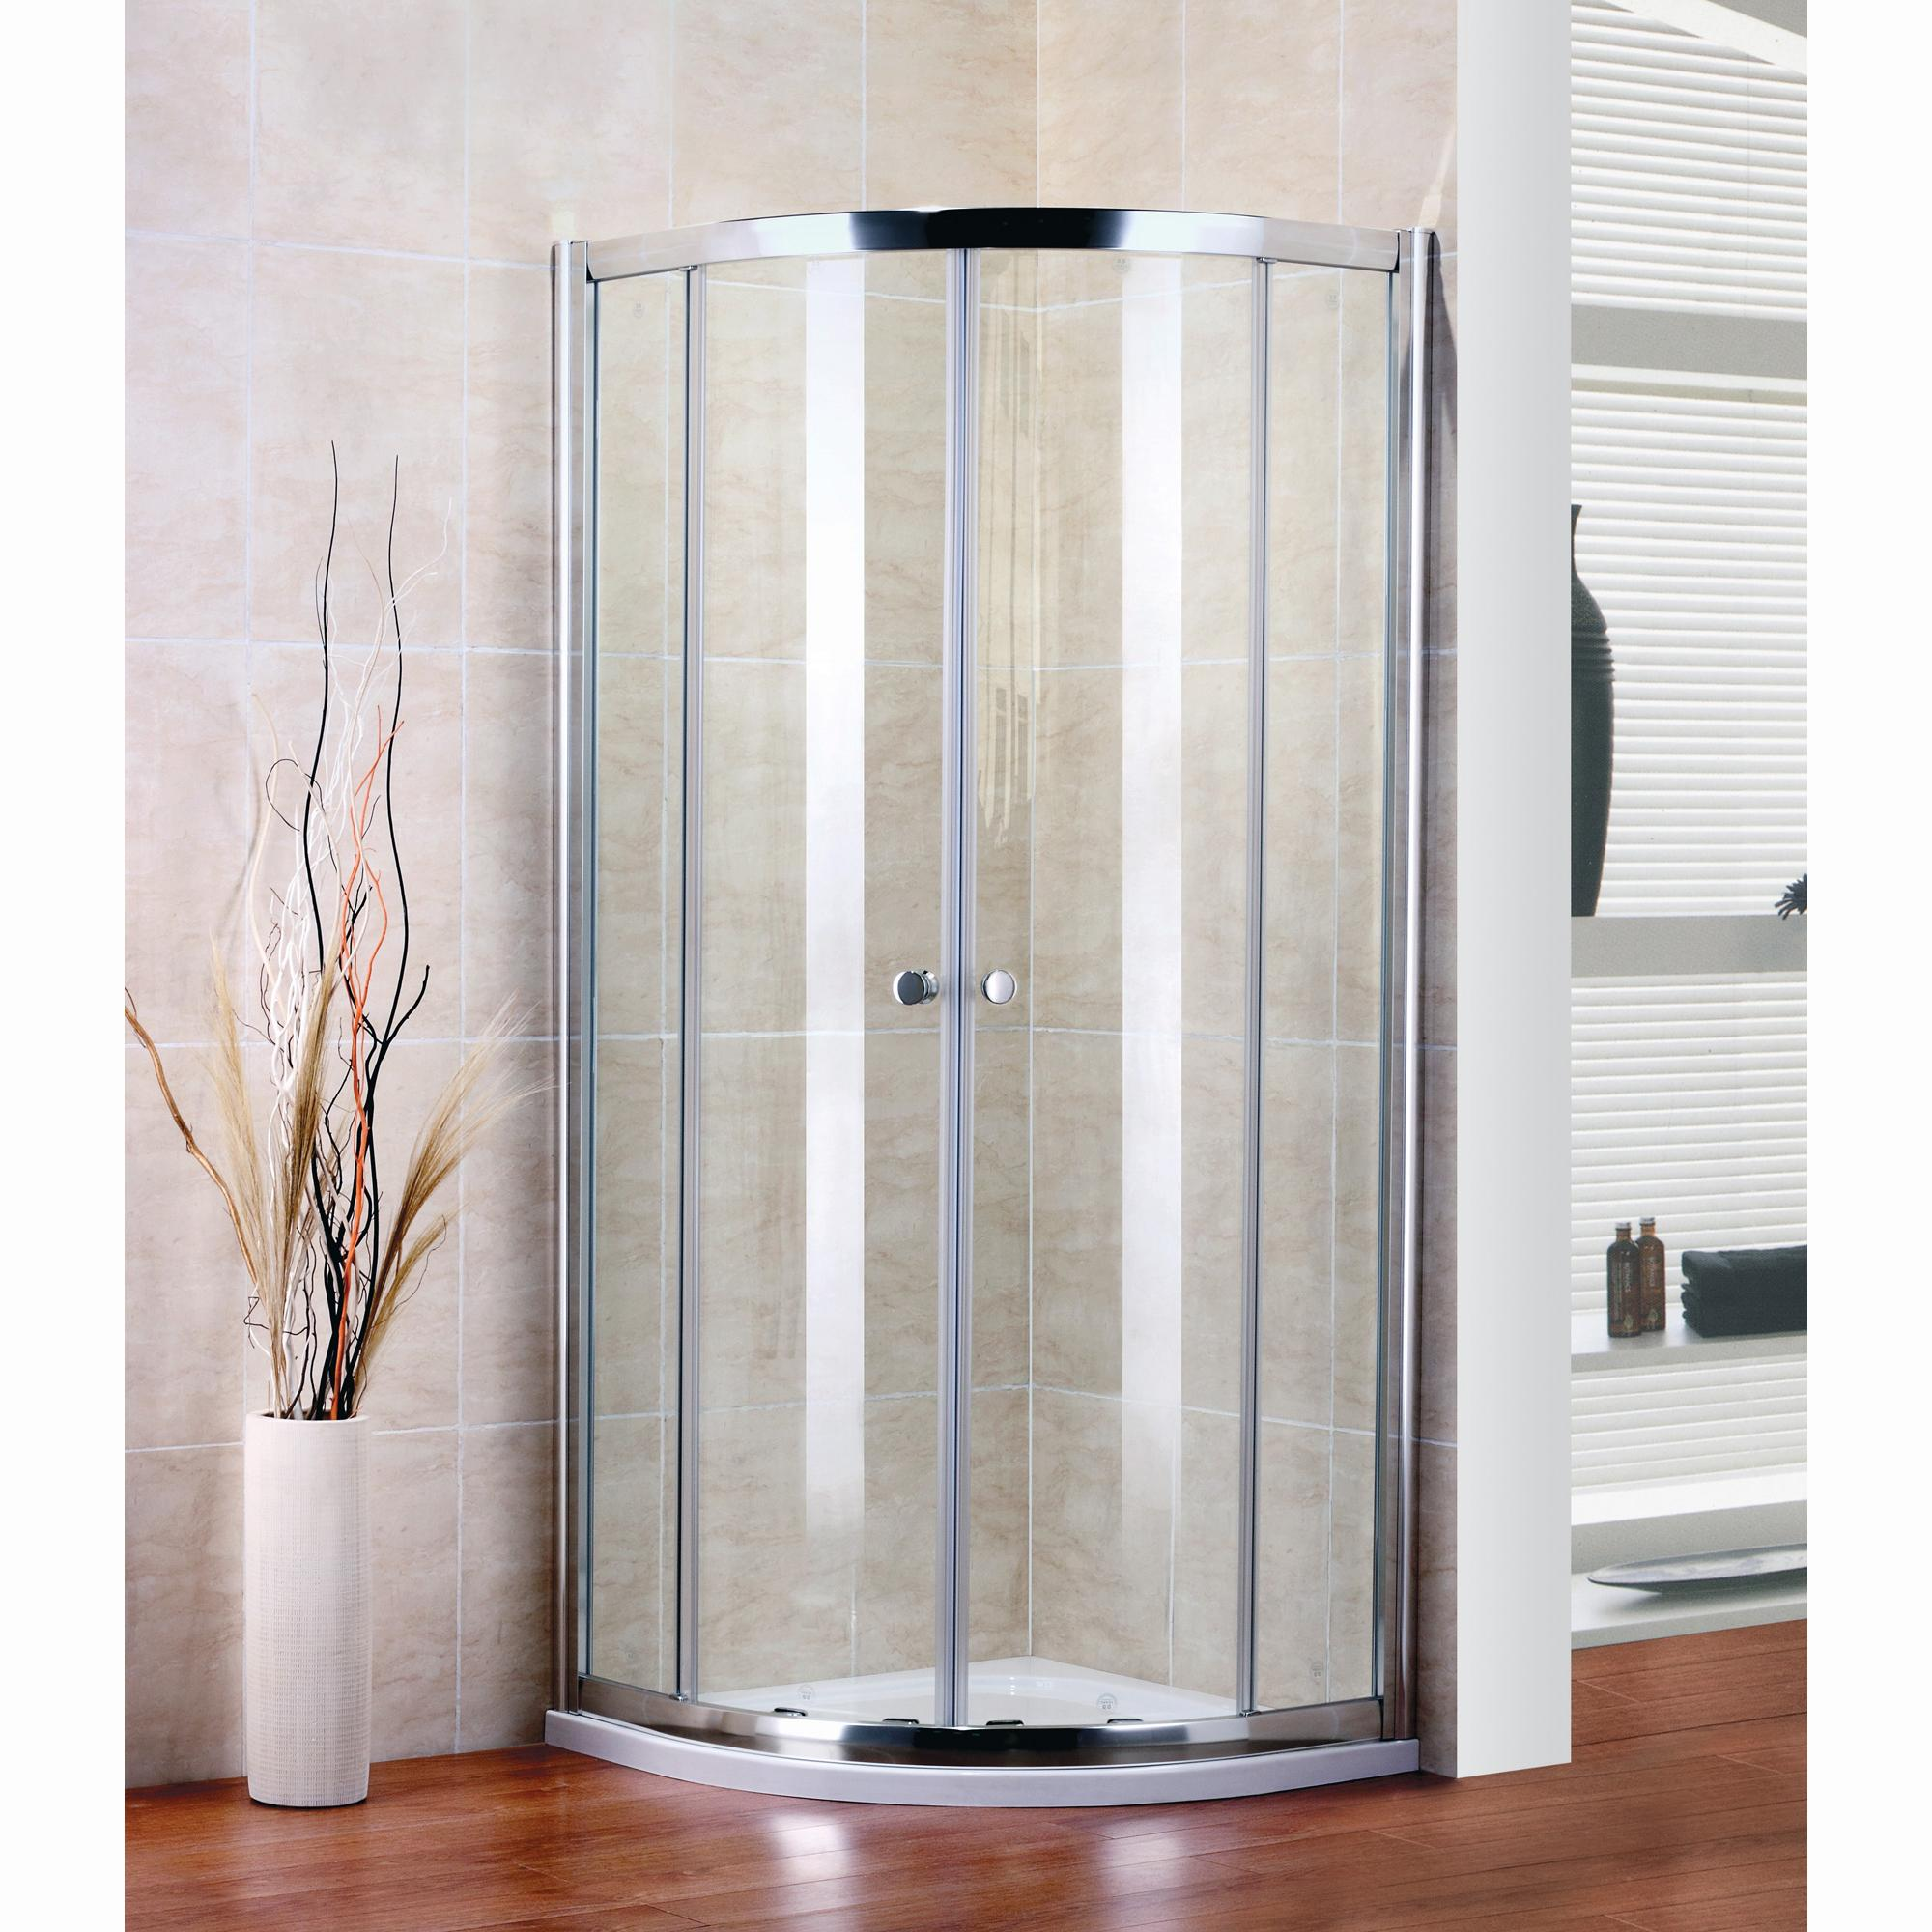 Душевой уголок Cezares Pratico R 2 80 текстурное стекло, профиль хром water world орхидея 550 2 двери белый глянец